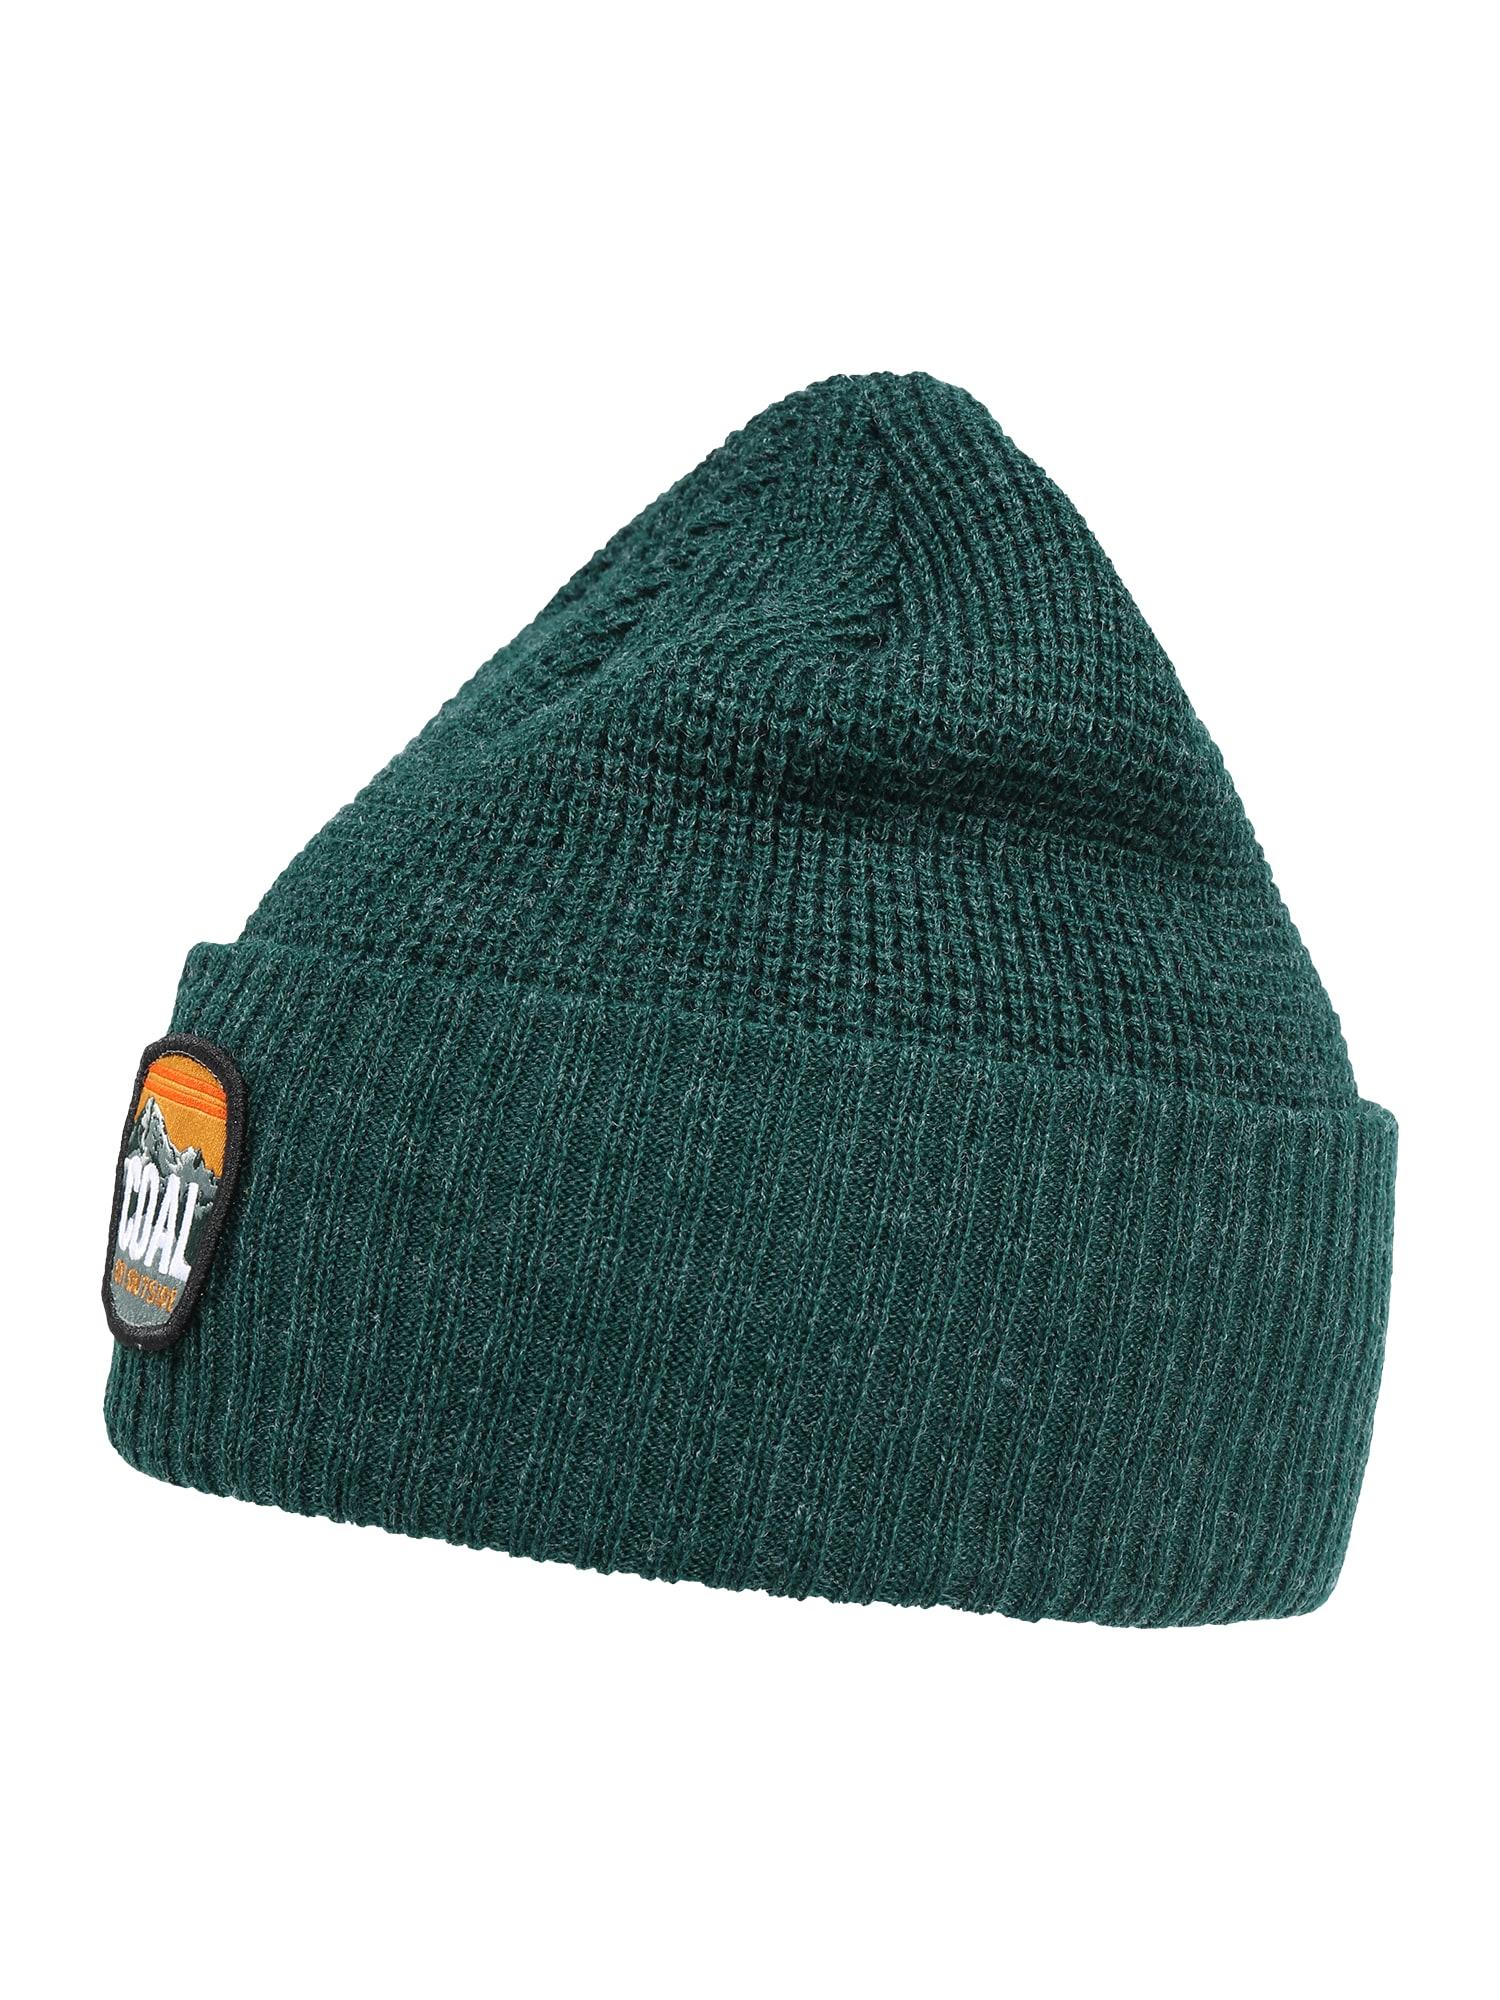 Coal Sportovní čepice  zelený melír / tmavě šedá / tmavě oranžová / bílá / mix barev